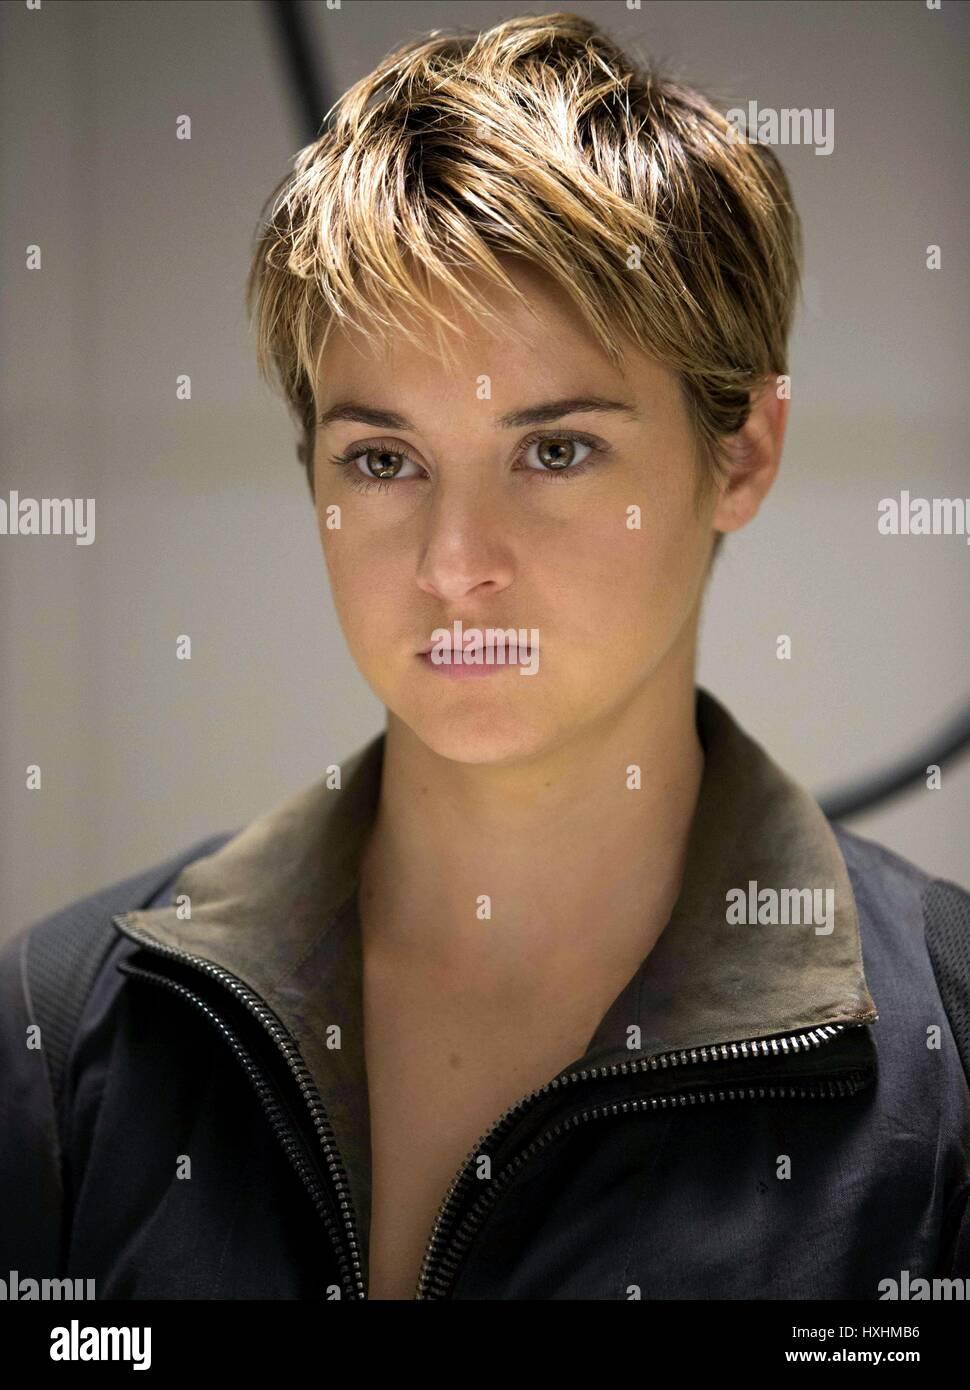 Shailene Woodley Insurgent 2015 Stock Photo Alamy